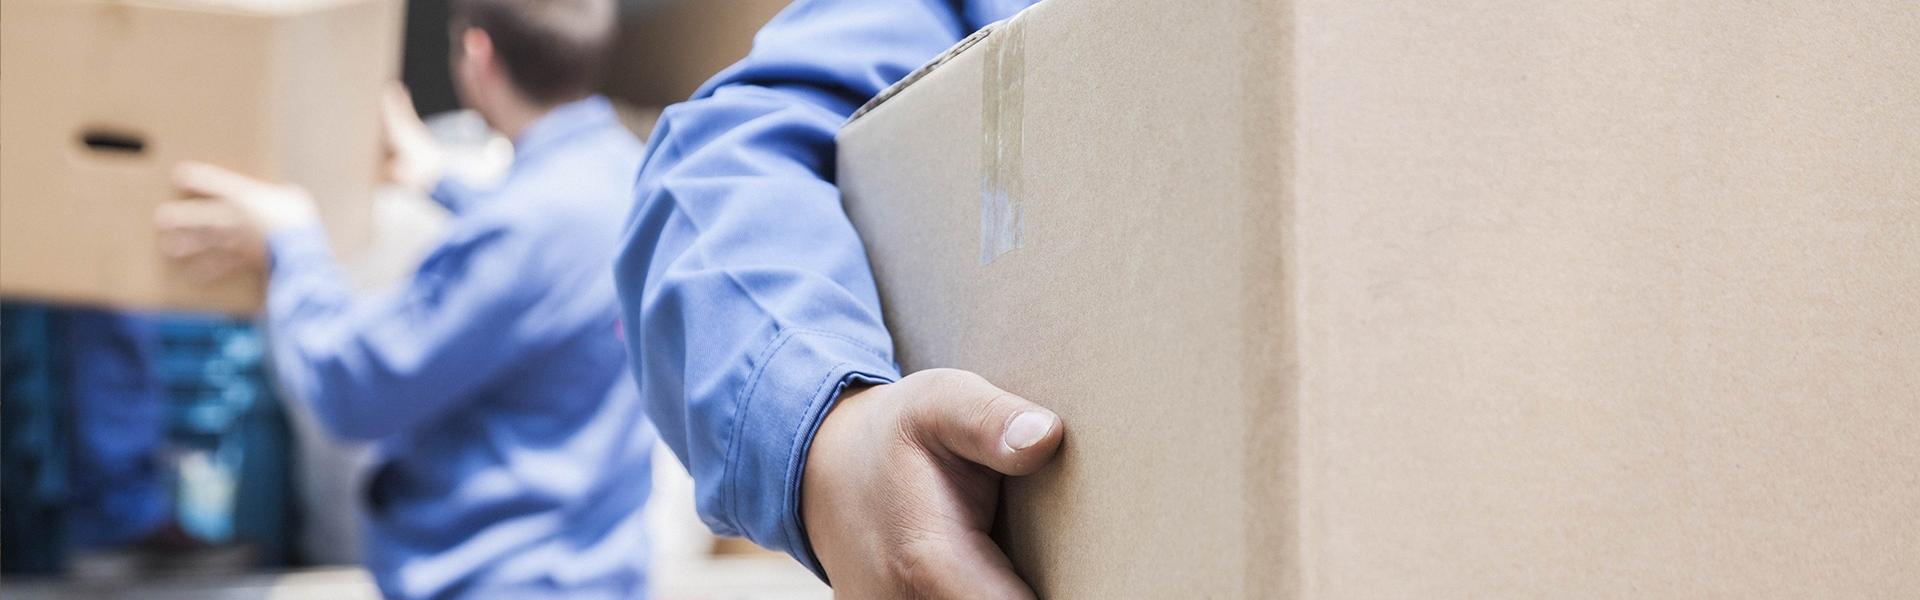 firma-servicii-mutare-relocare